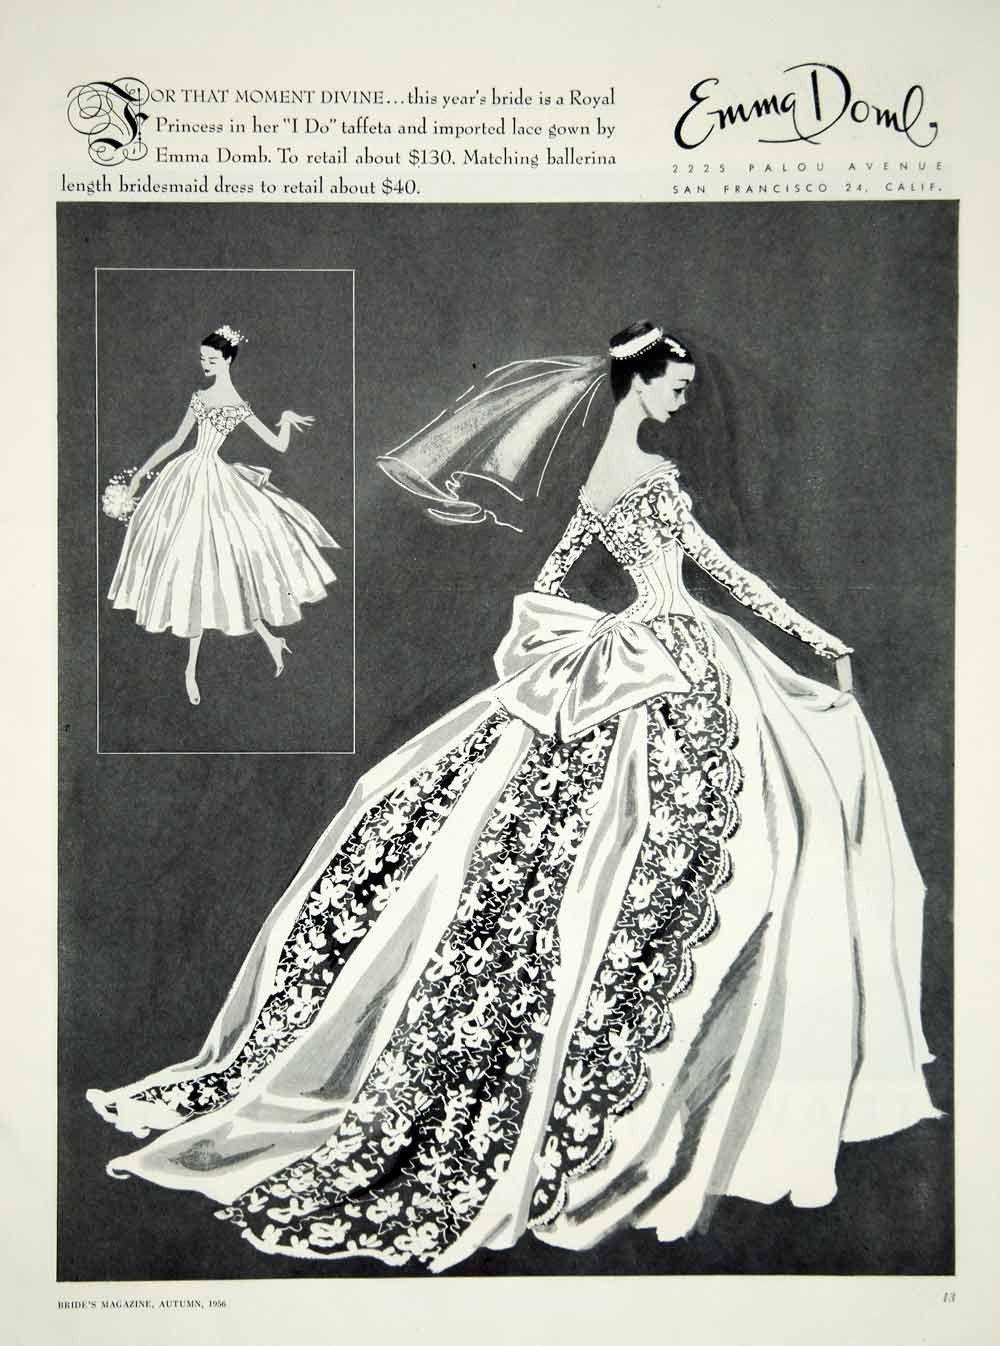 1956 Ad Vintage Emma Domb Wedding Dress Bride Bridesmaid